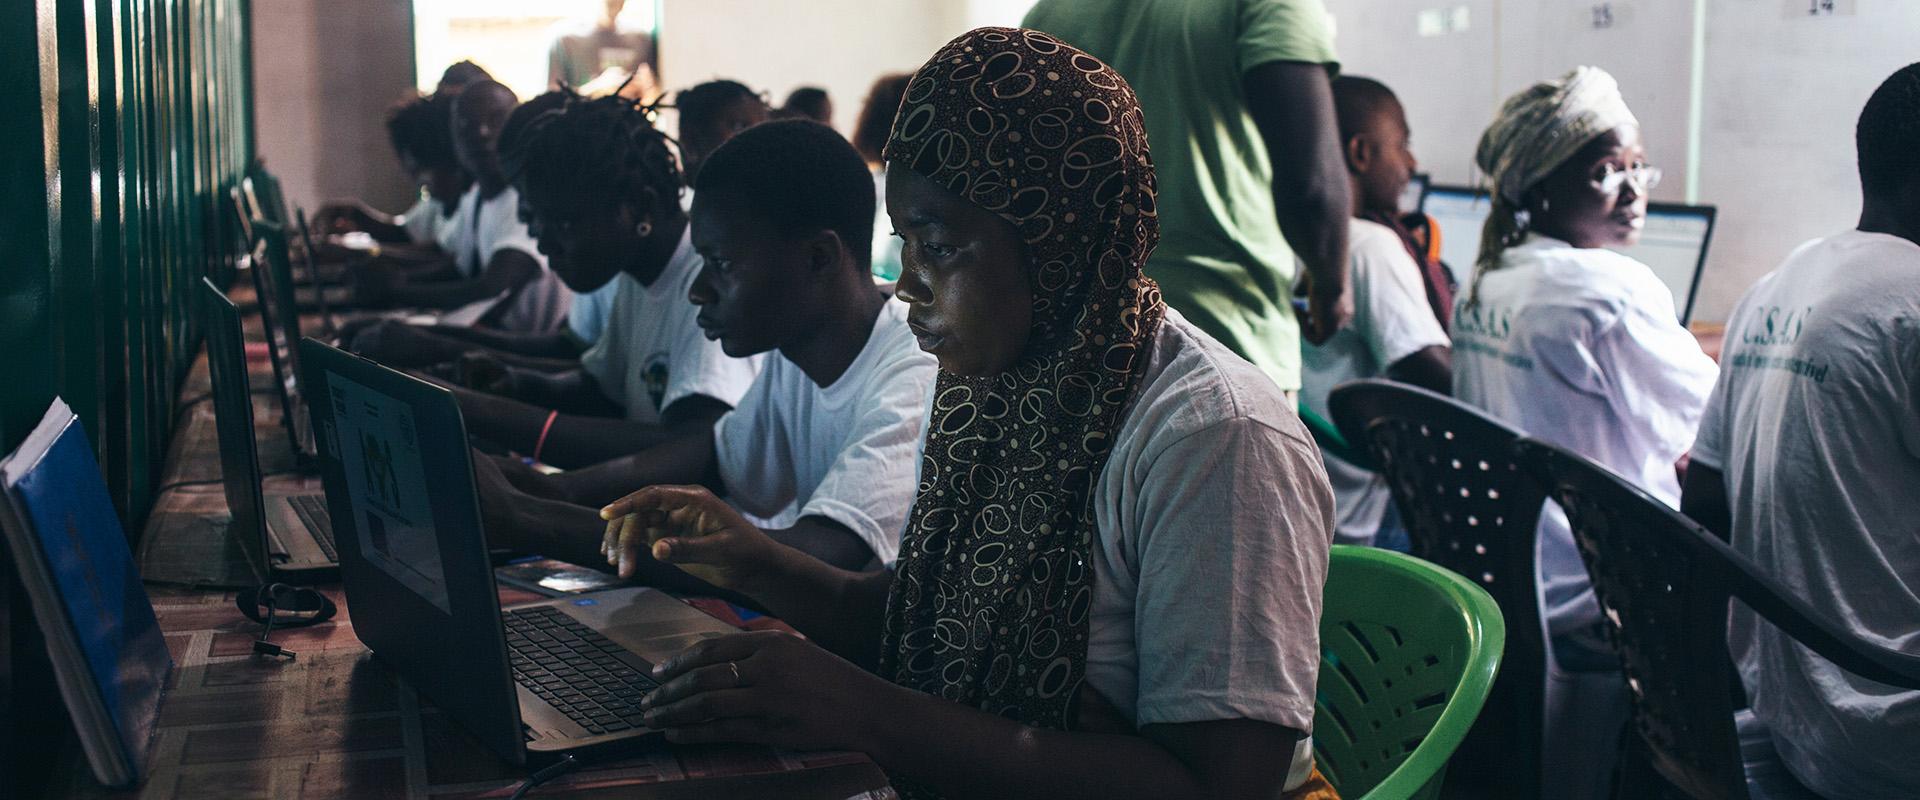 Ripartire dai giovani Guinea-Bissau Mani Tese 2018 Mirko Cecchi